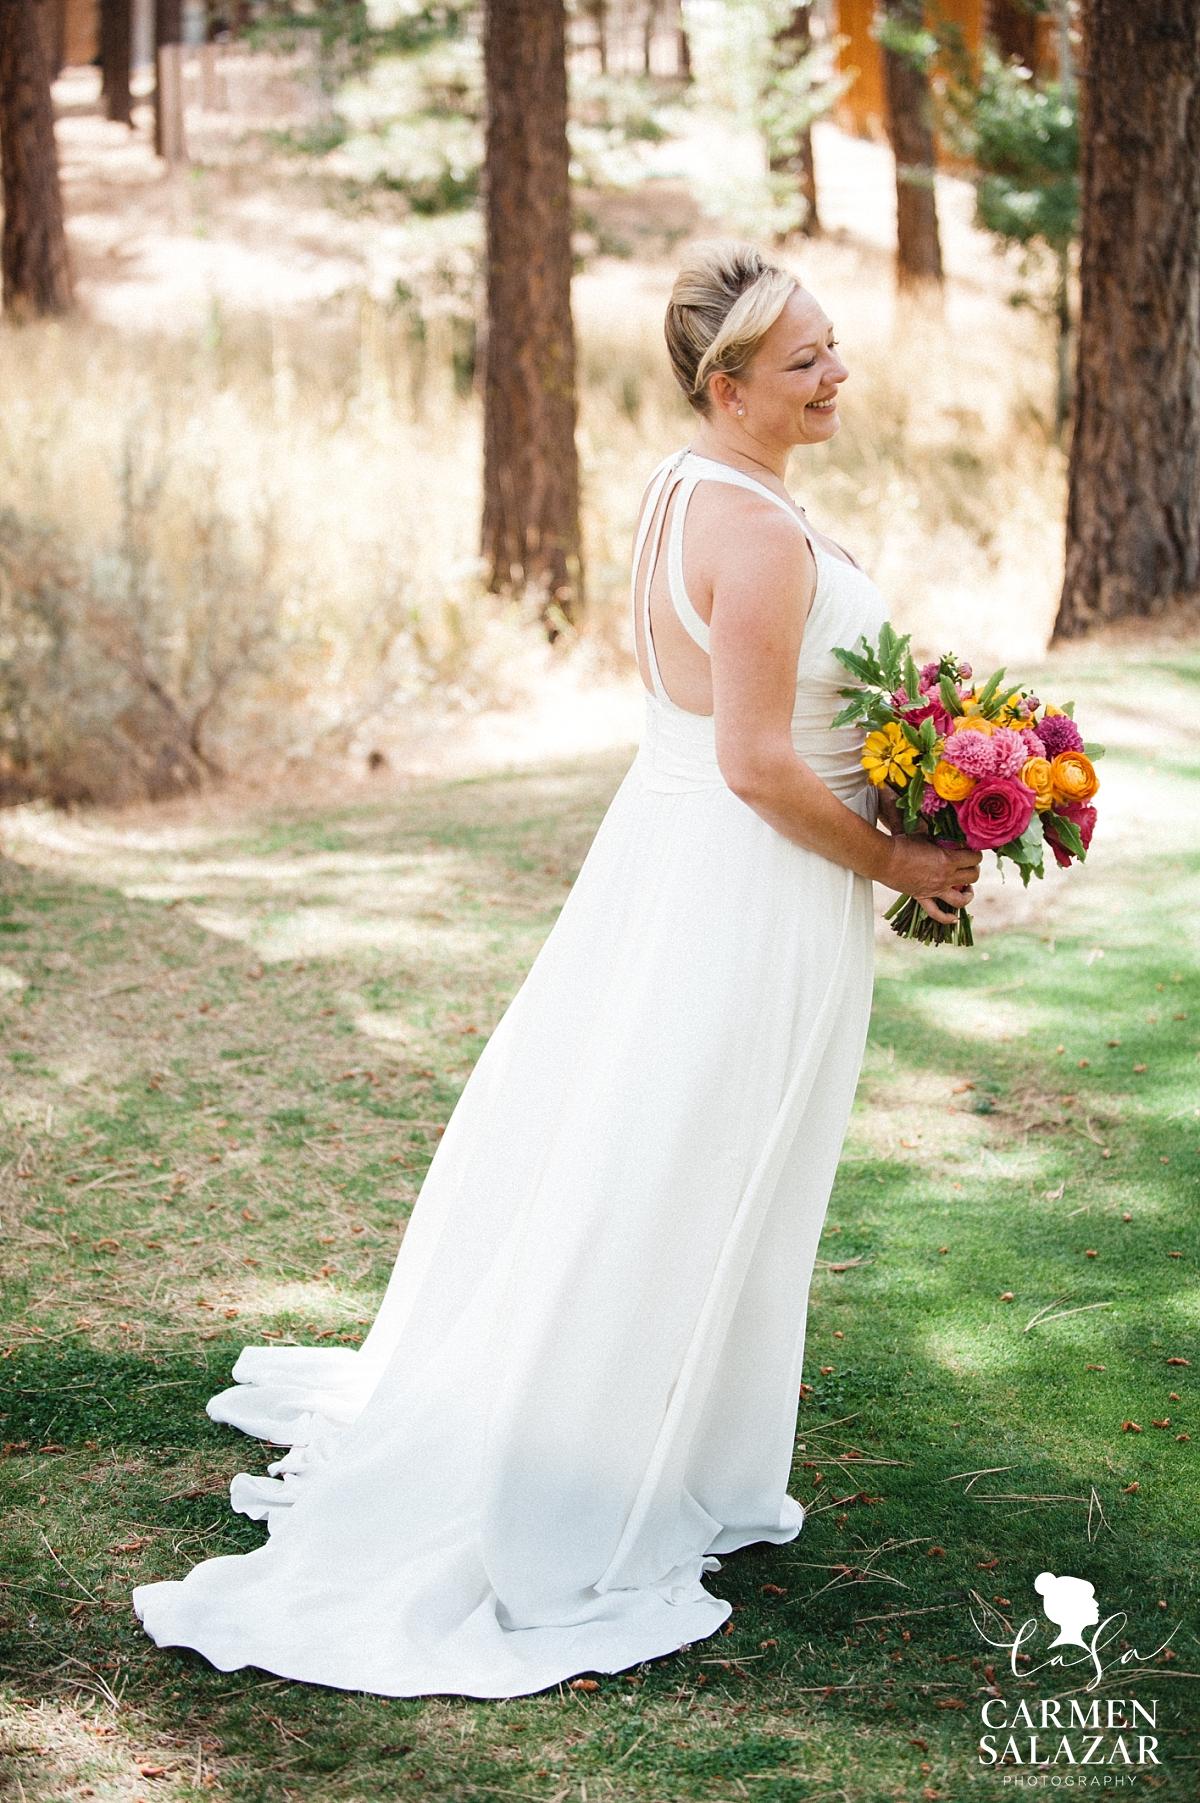 flowy custom designed wedding gown - Carmen Salazar